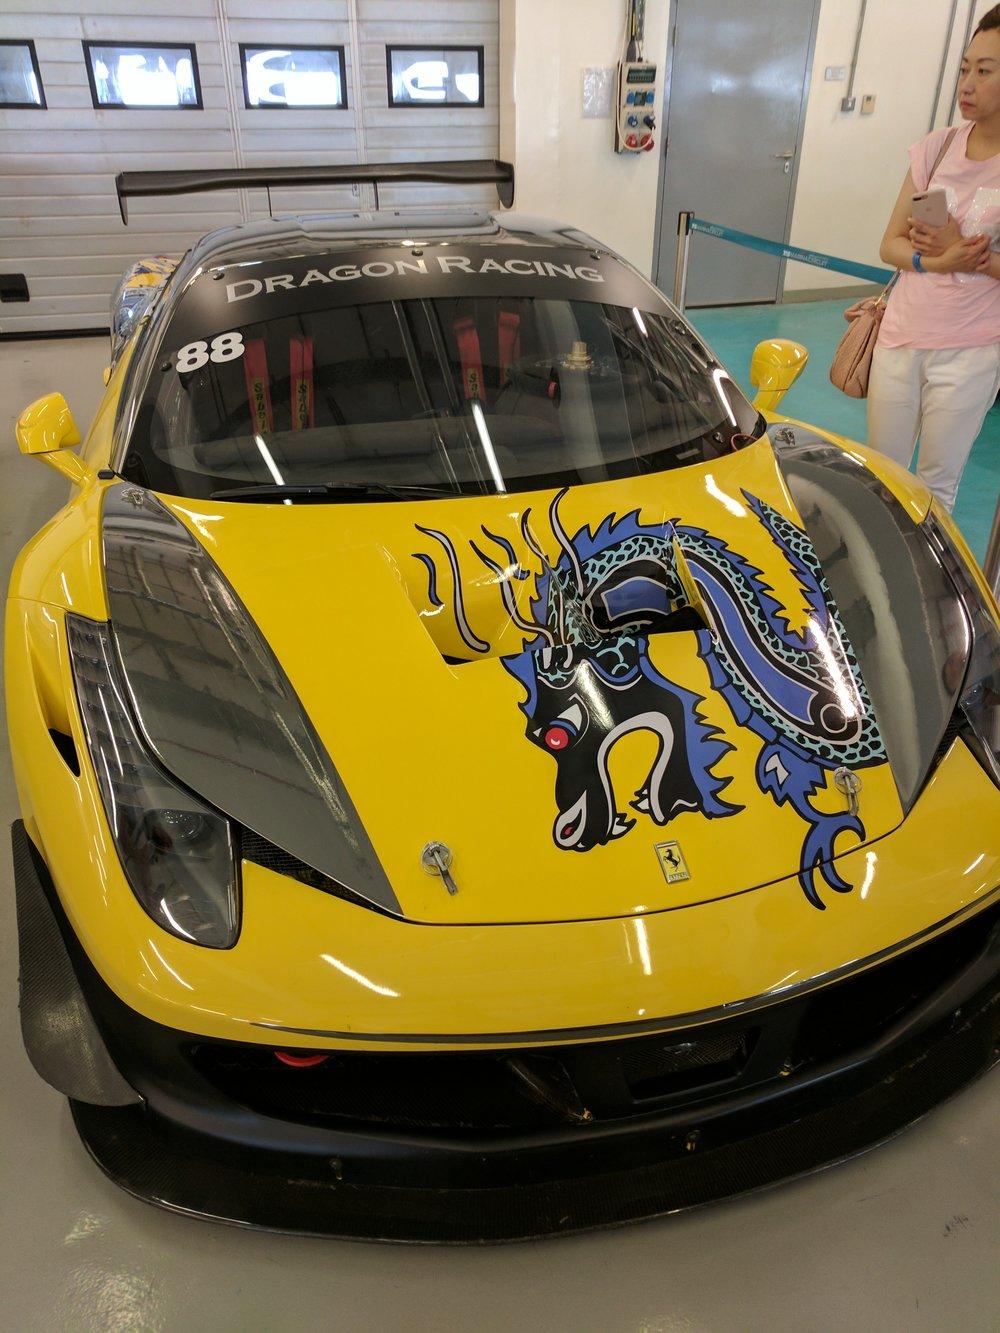 A cool Ferrari